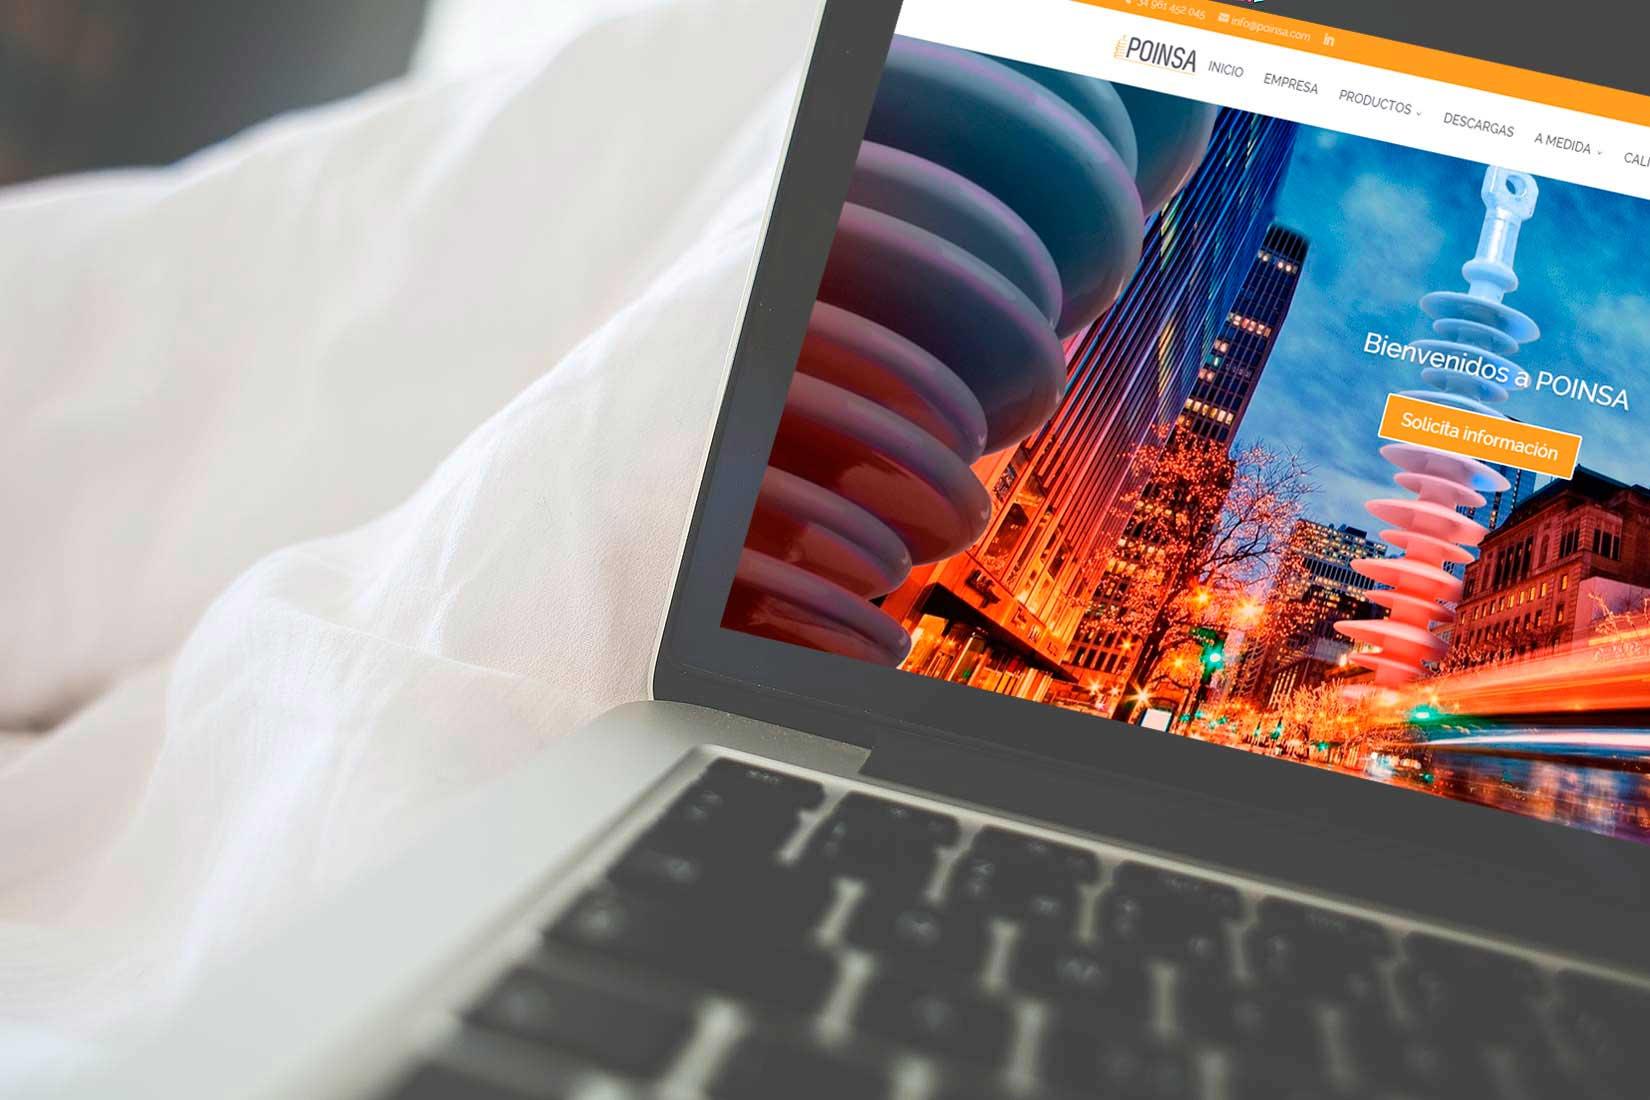 Poinsa: Diseño Wordpress Corporativo&&ciudad&& y Optimización SEO